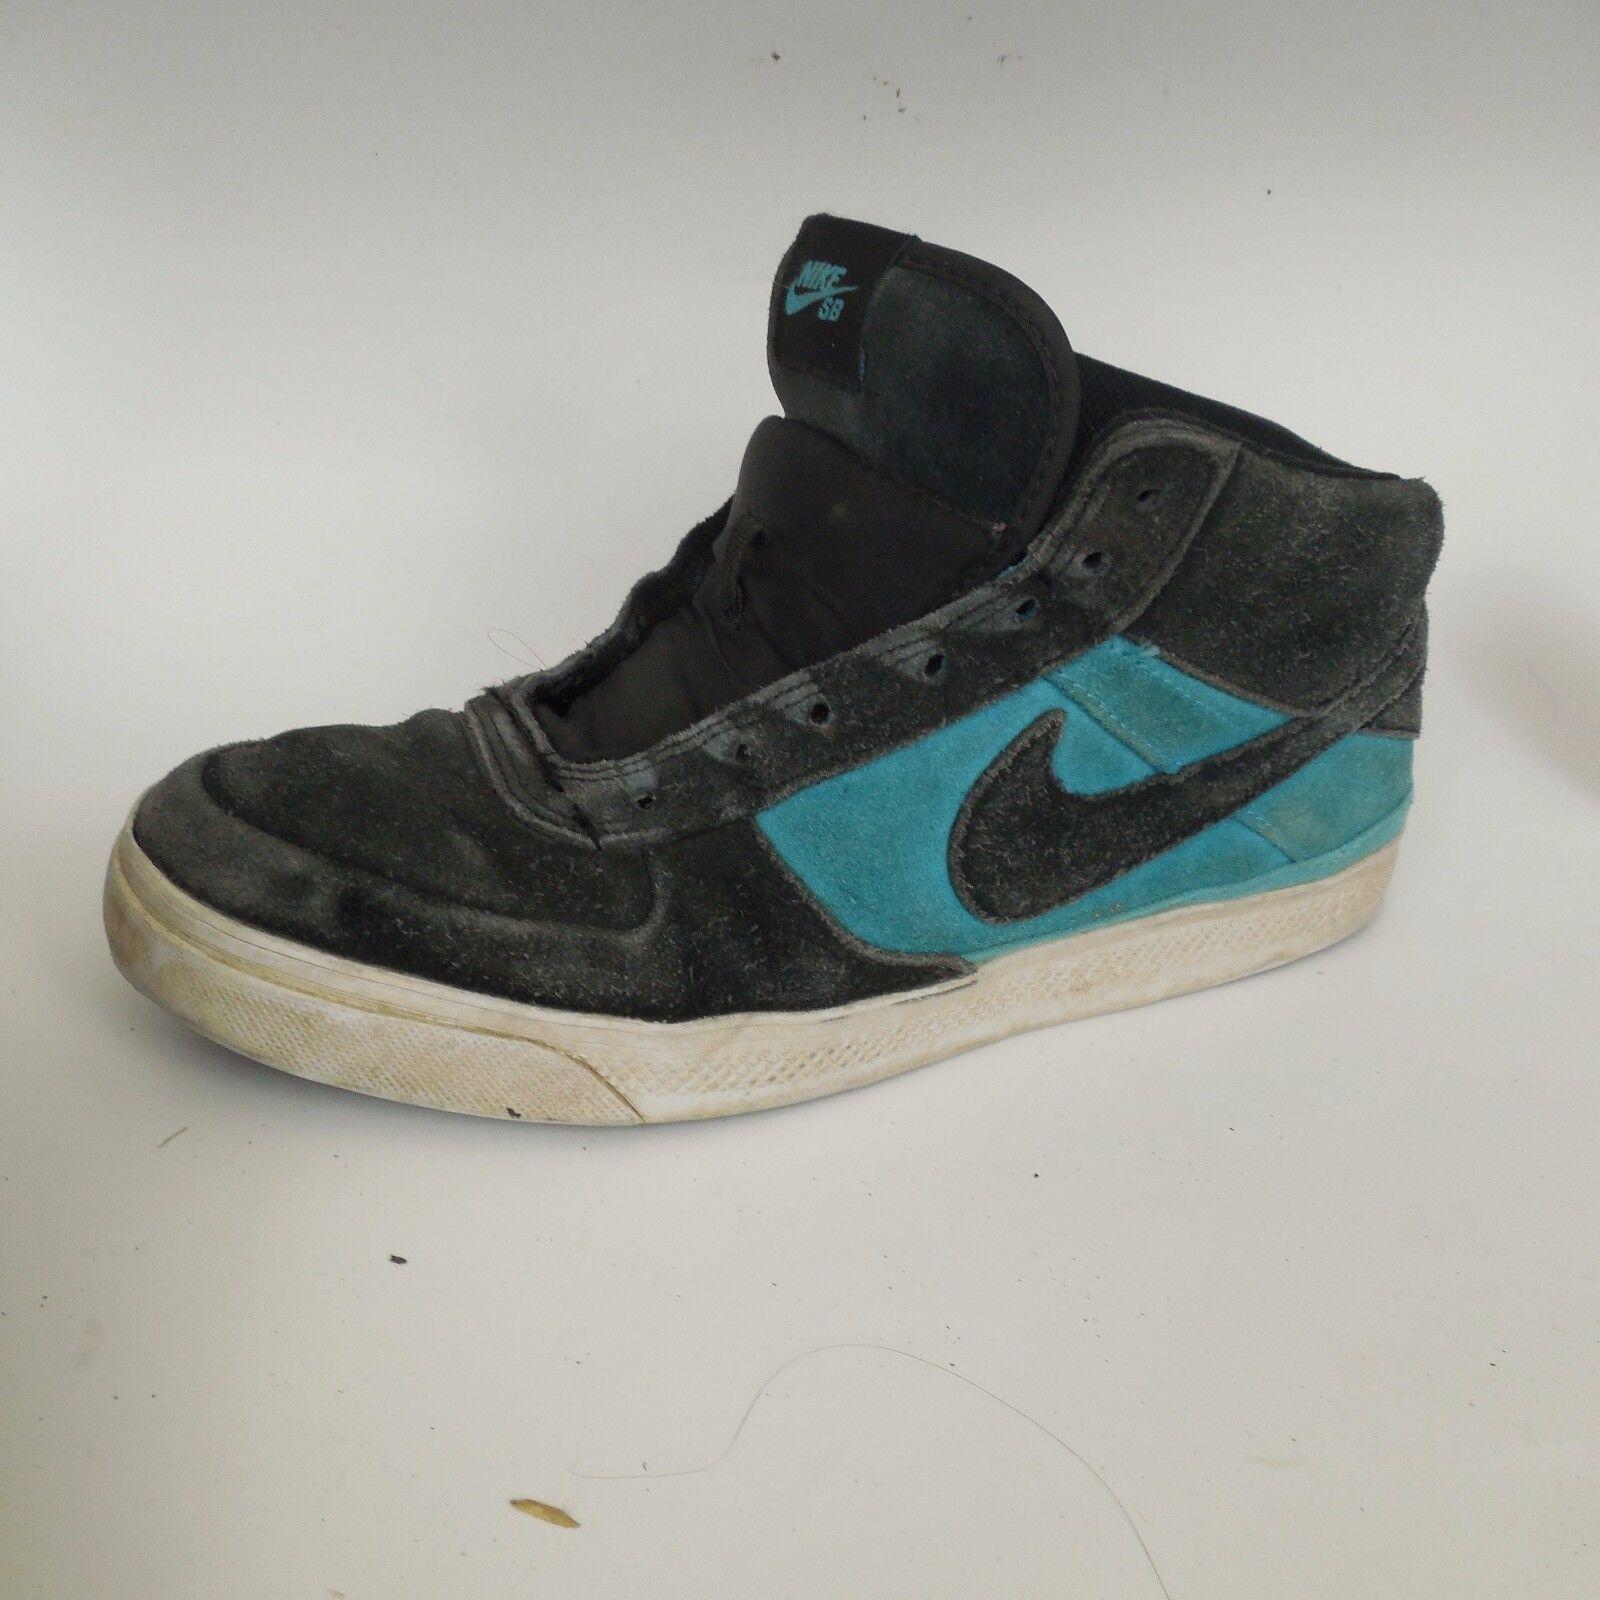 Le scarpe nike sb mavrick Uomo sz m 386611 009 scamosciato hi top nero blu e scarpe da ginnastica